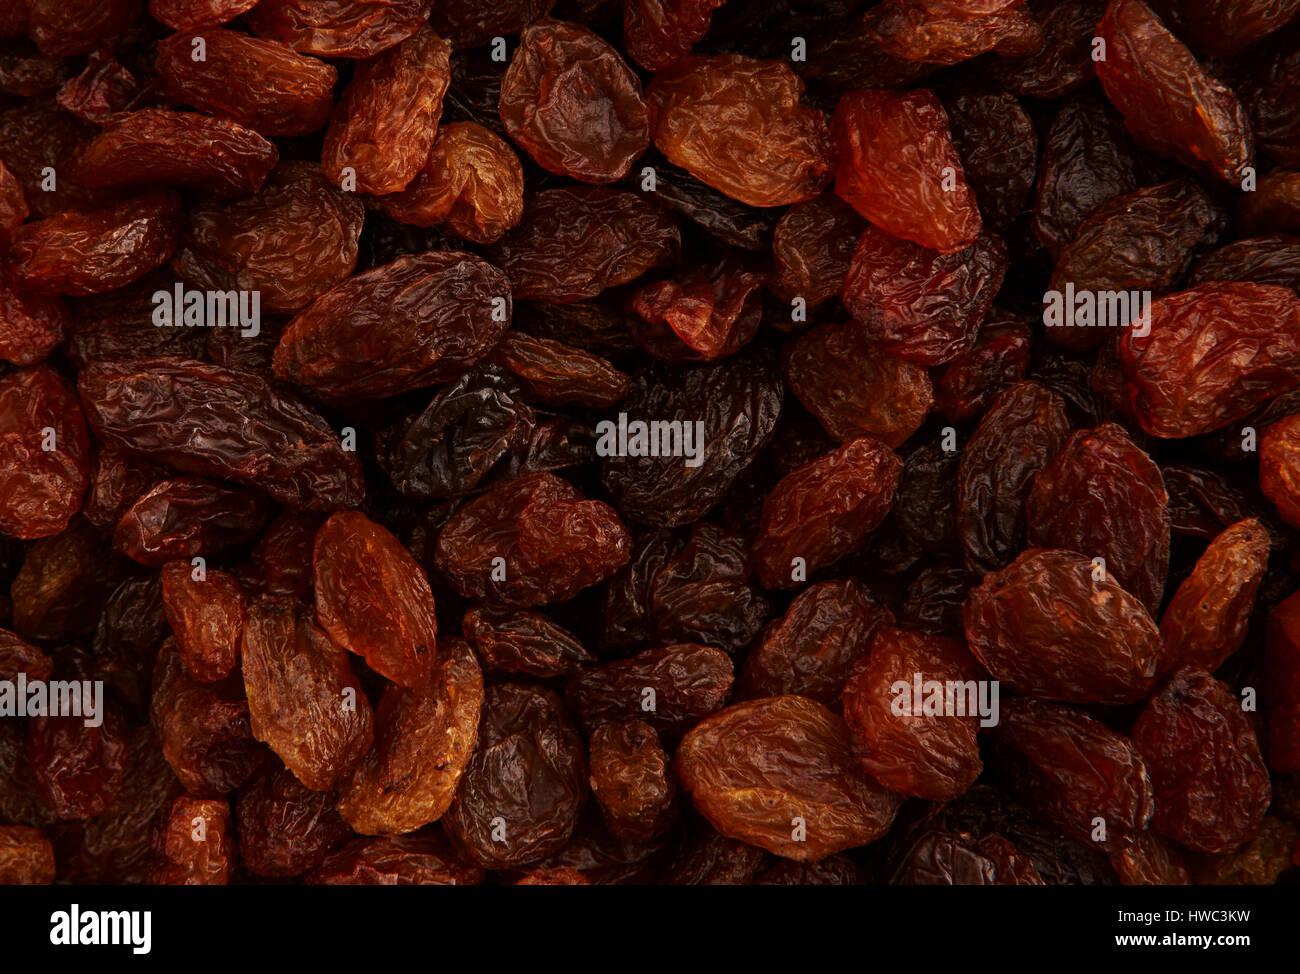 Las sultanas, Full Frame closeup imagen de sultaninas, rellenar el marco y lo suficientemente cerca para ver todos Imagen De Stock